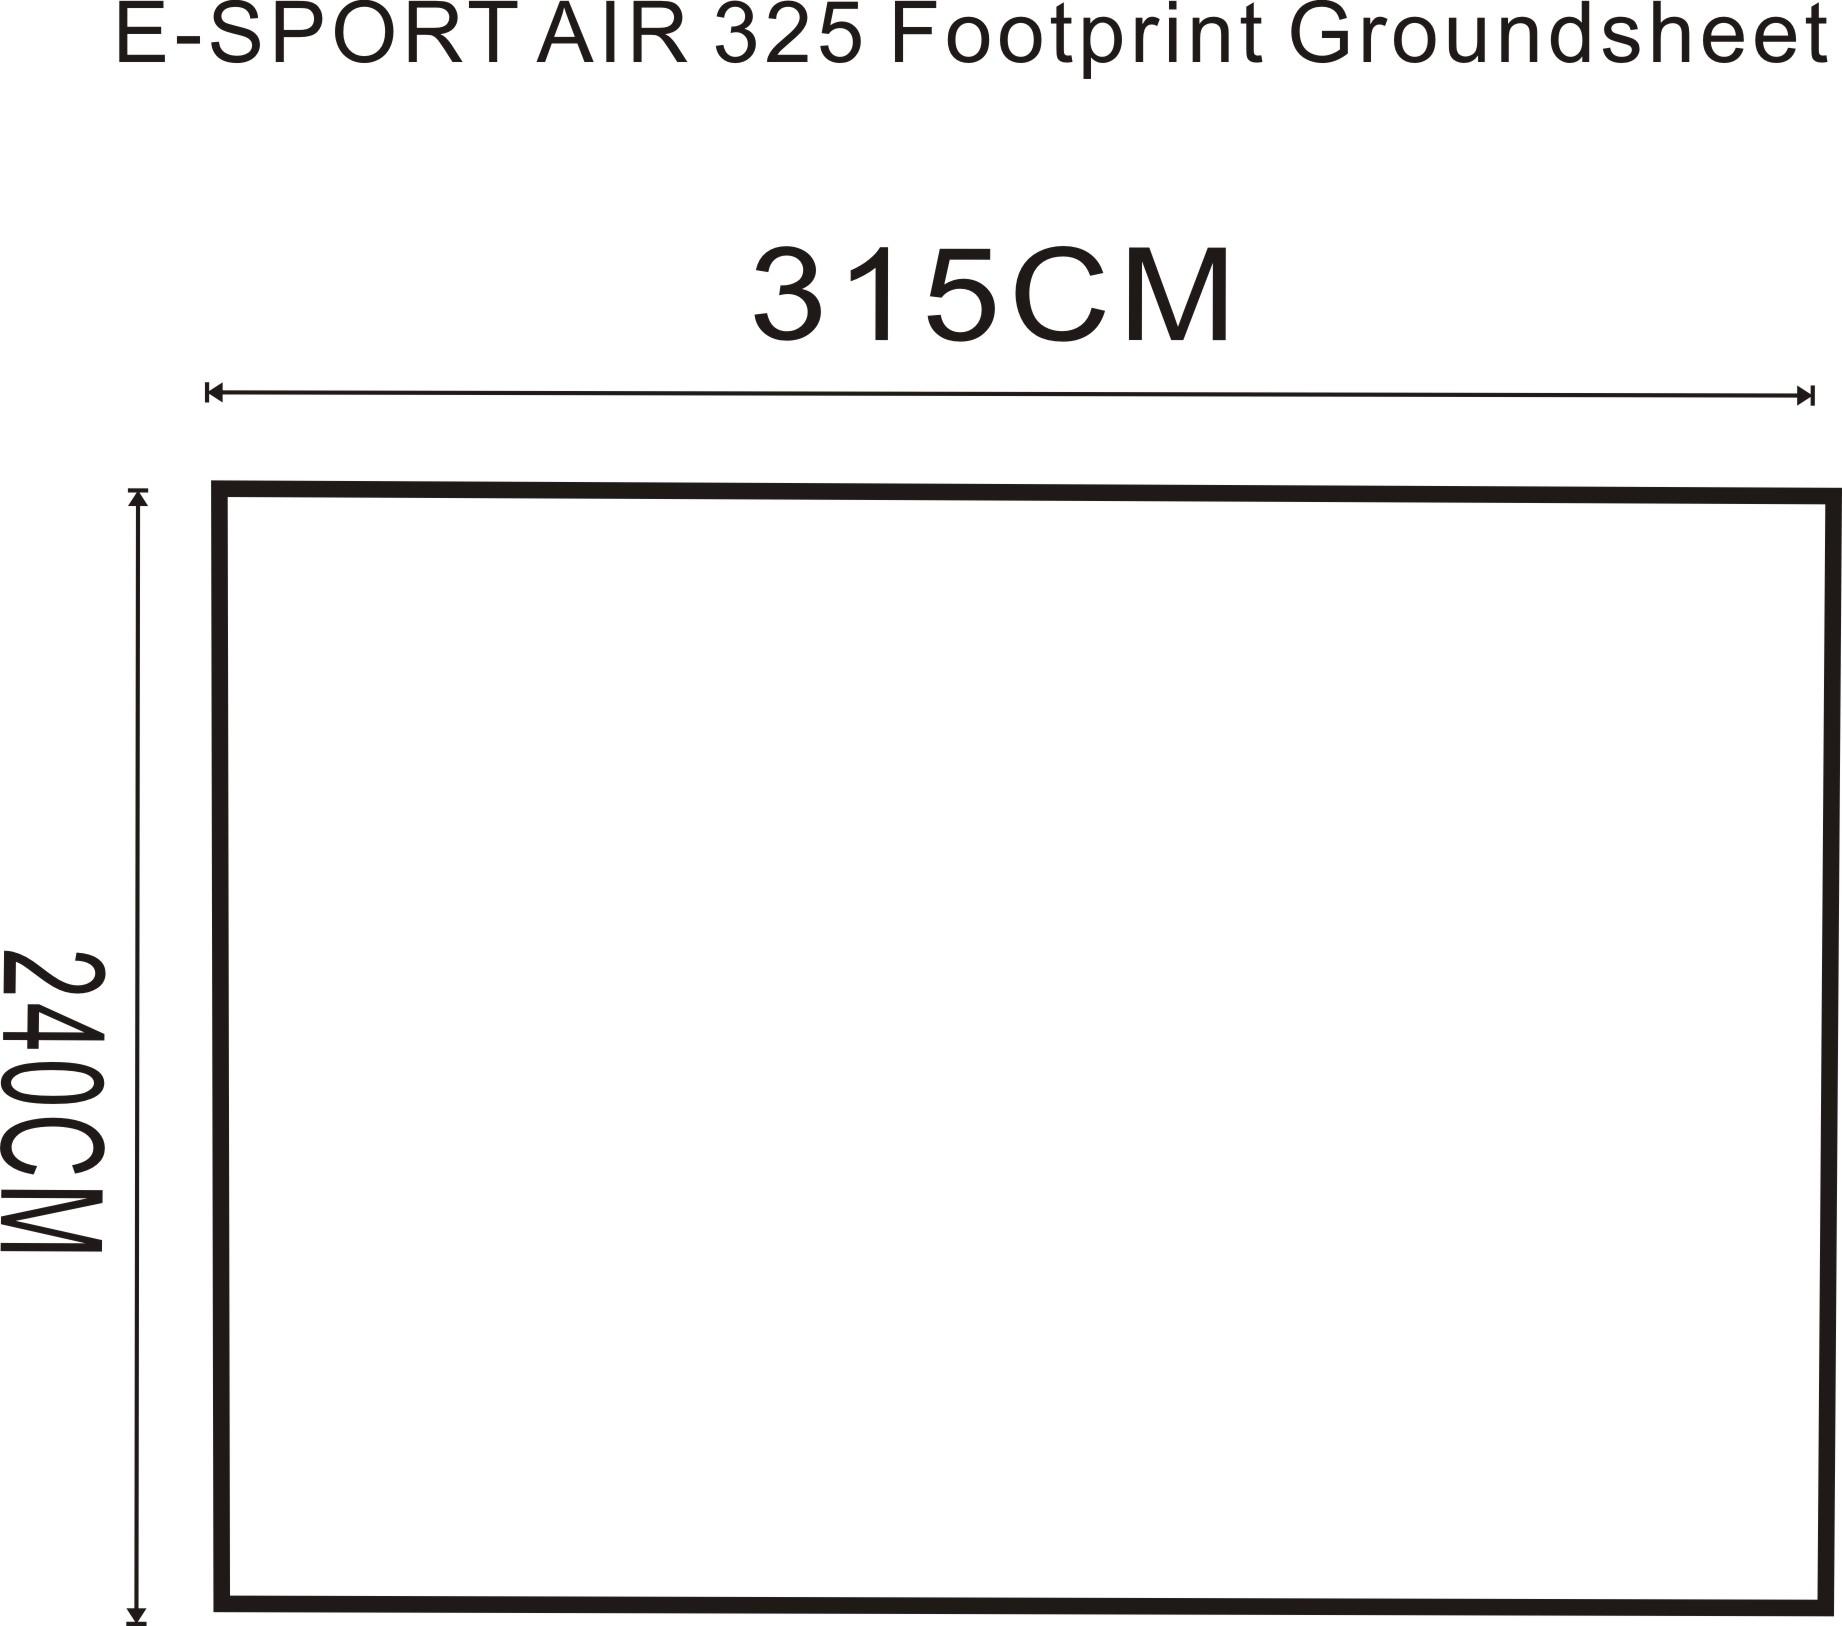 Outdoor Revolution E Sport Air 325 Footprint